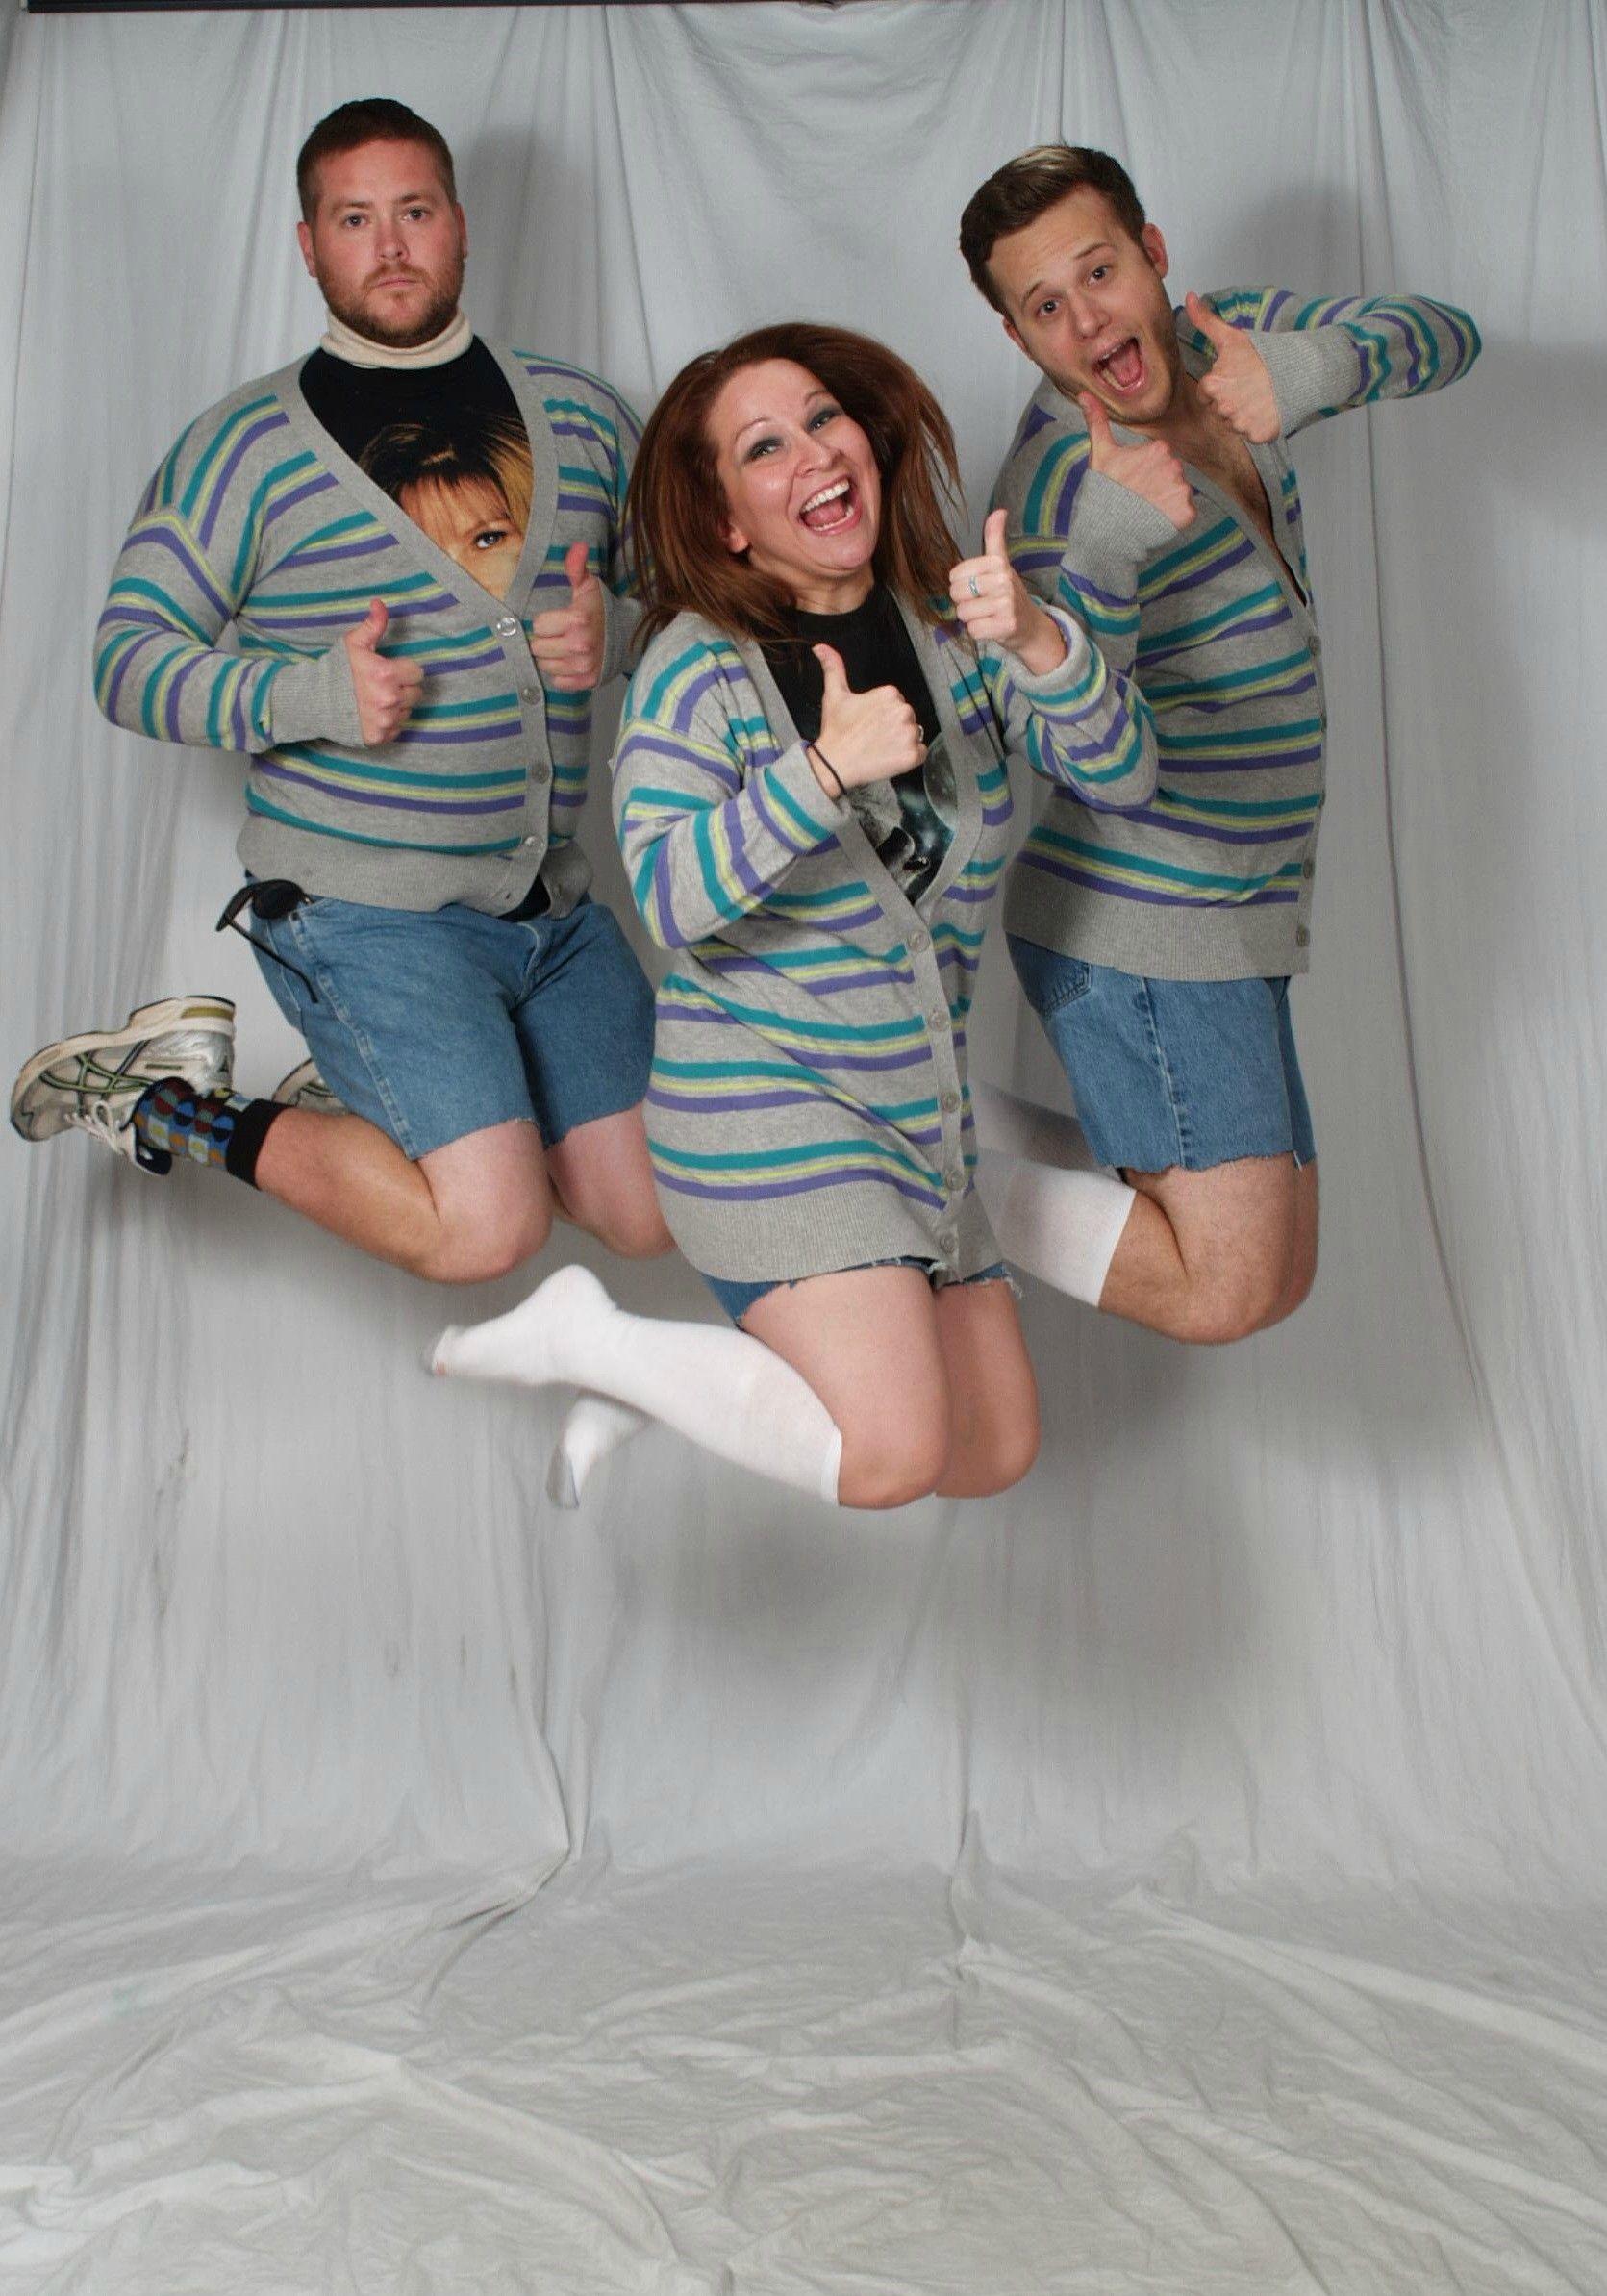 So My Office Is Having An Awkward Group Photo Contest How D We Do Funny Group Photos Awkward Family Photos Awkward Photos